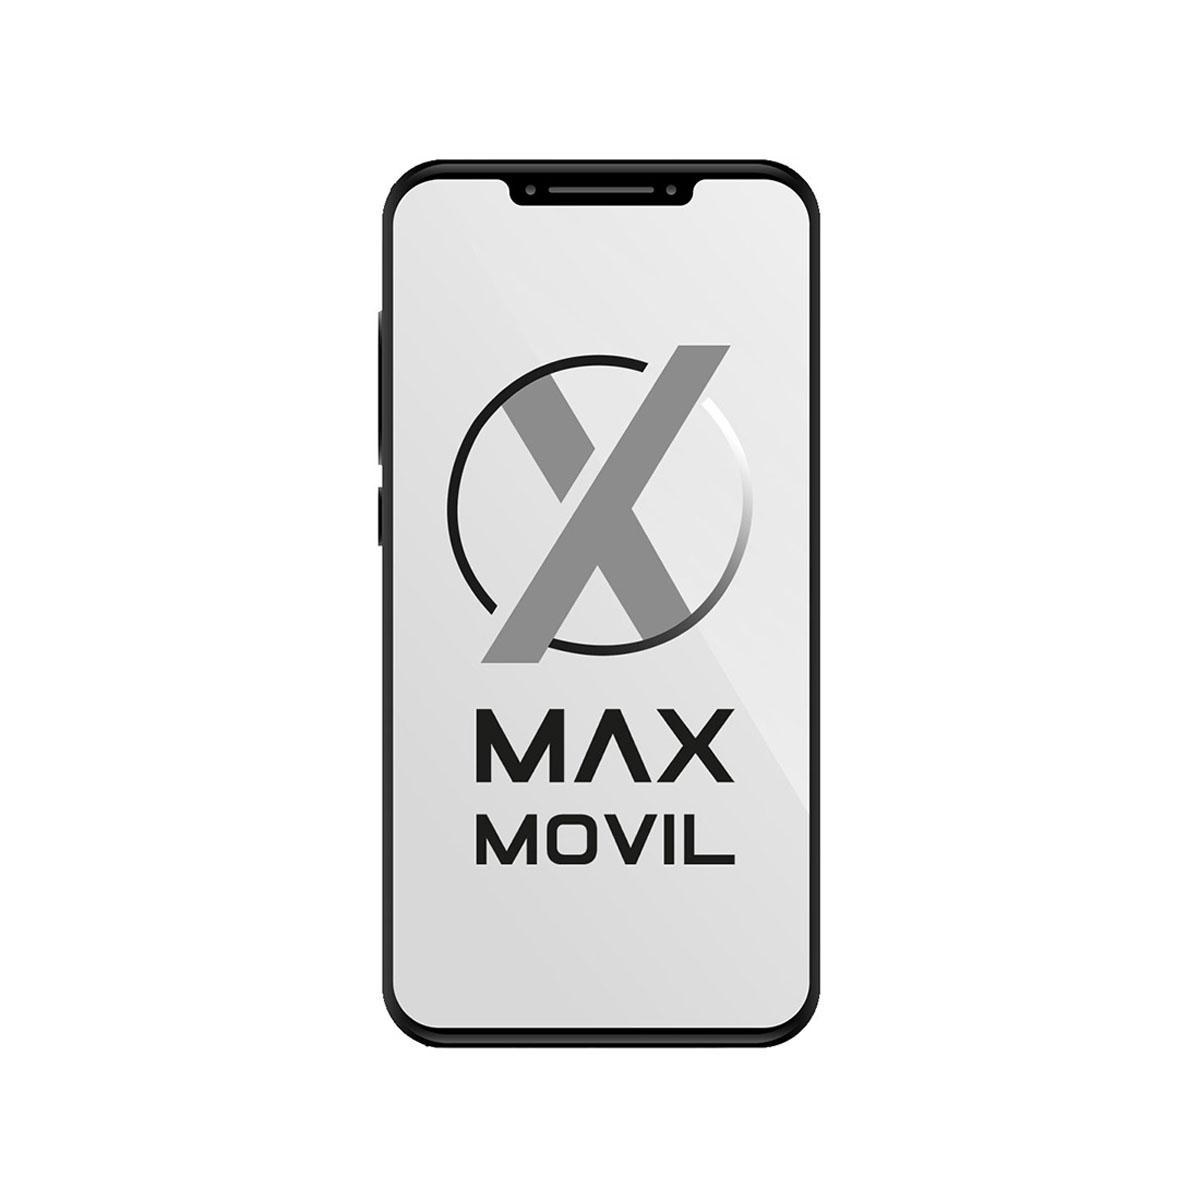 Tapa de batería Samsung negra EP-CG900IWEGWW para el Galaxy S5